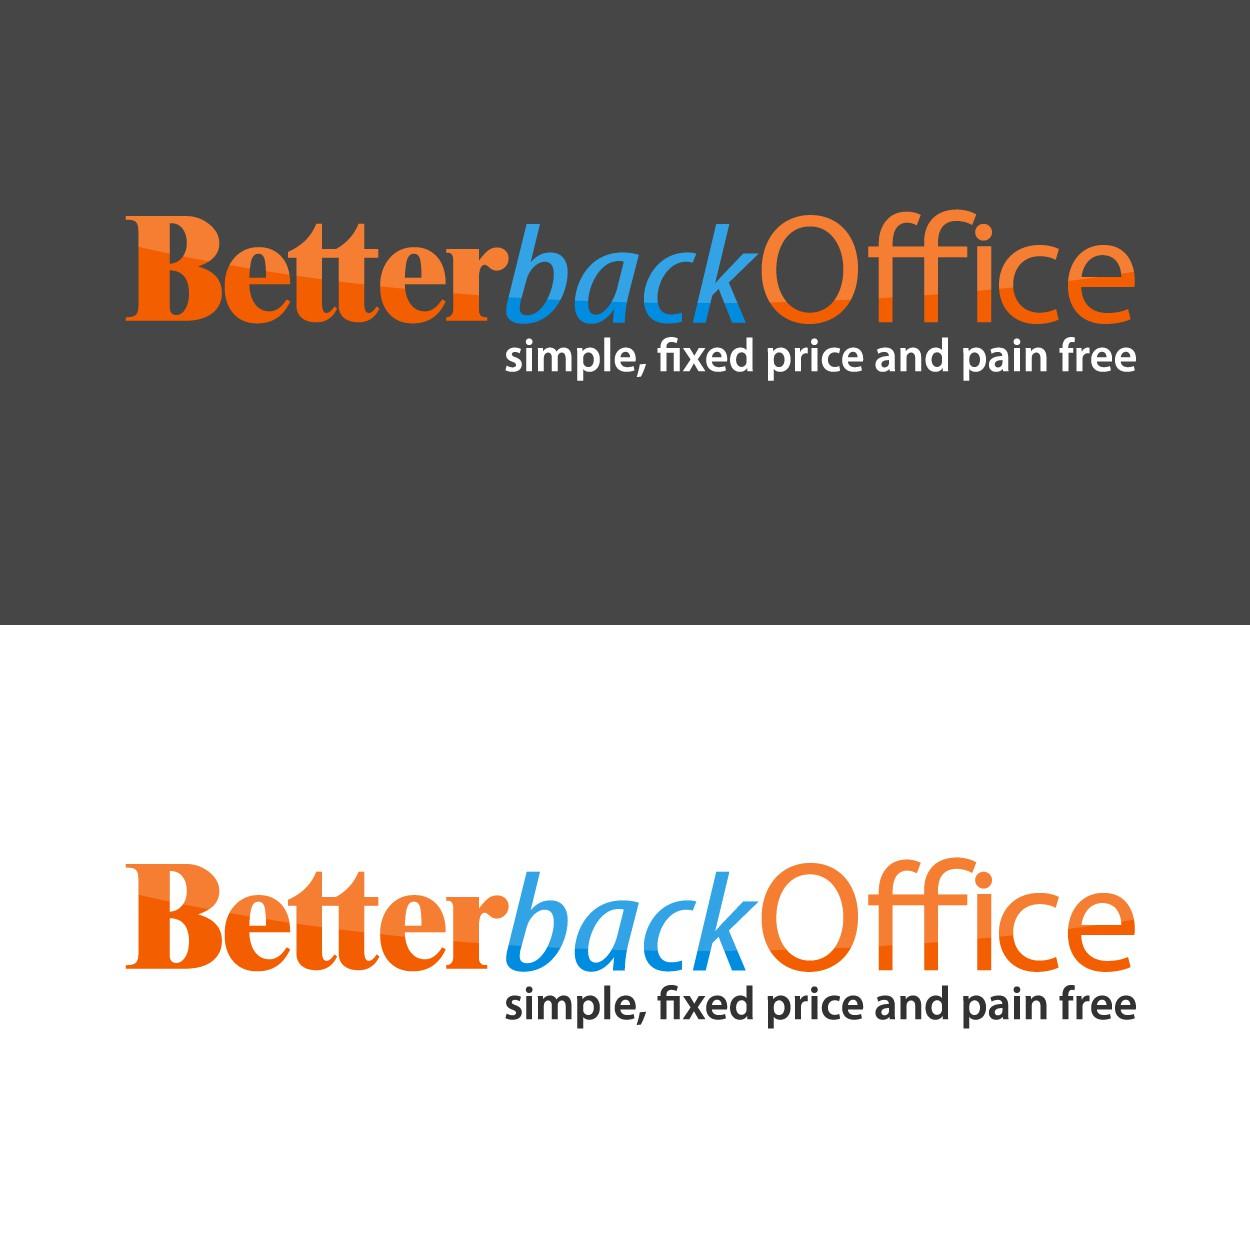 Logo for Better Back Office